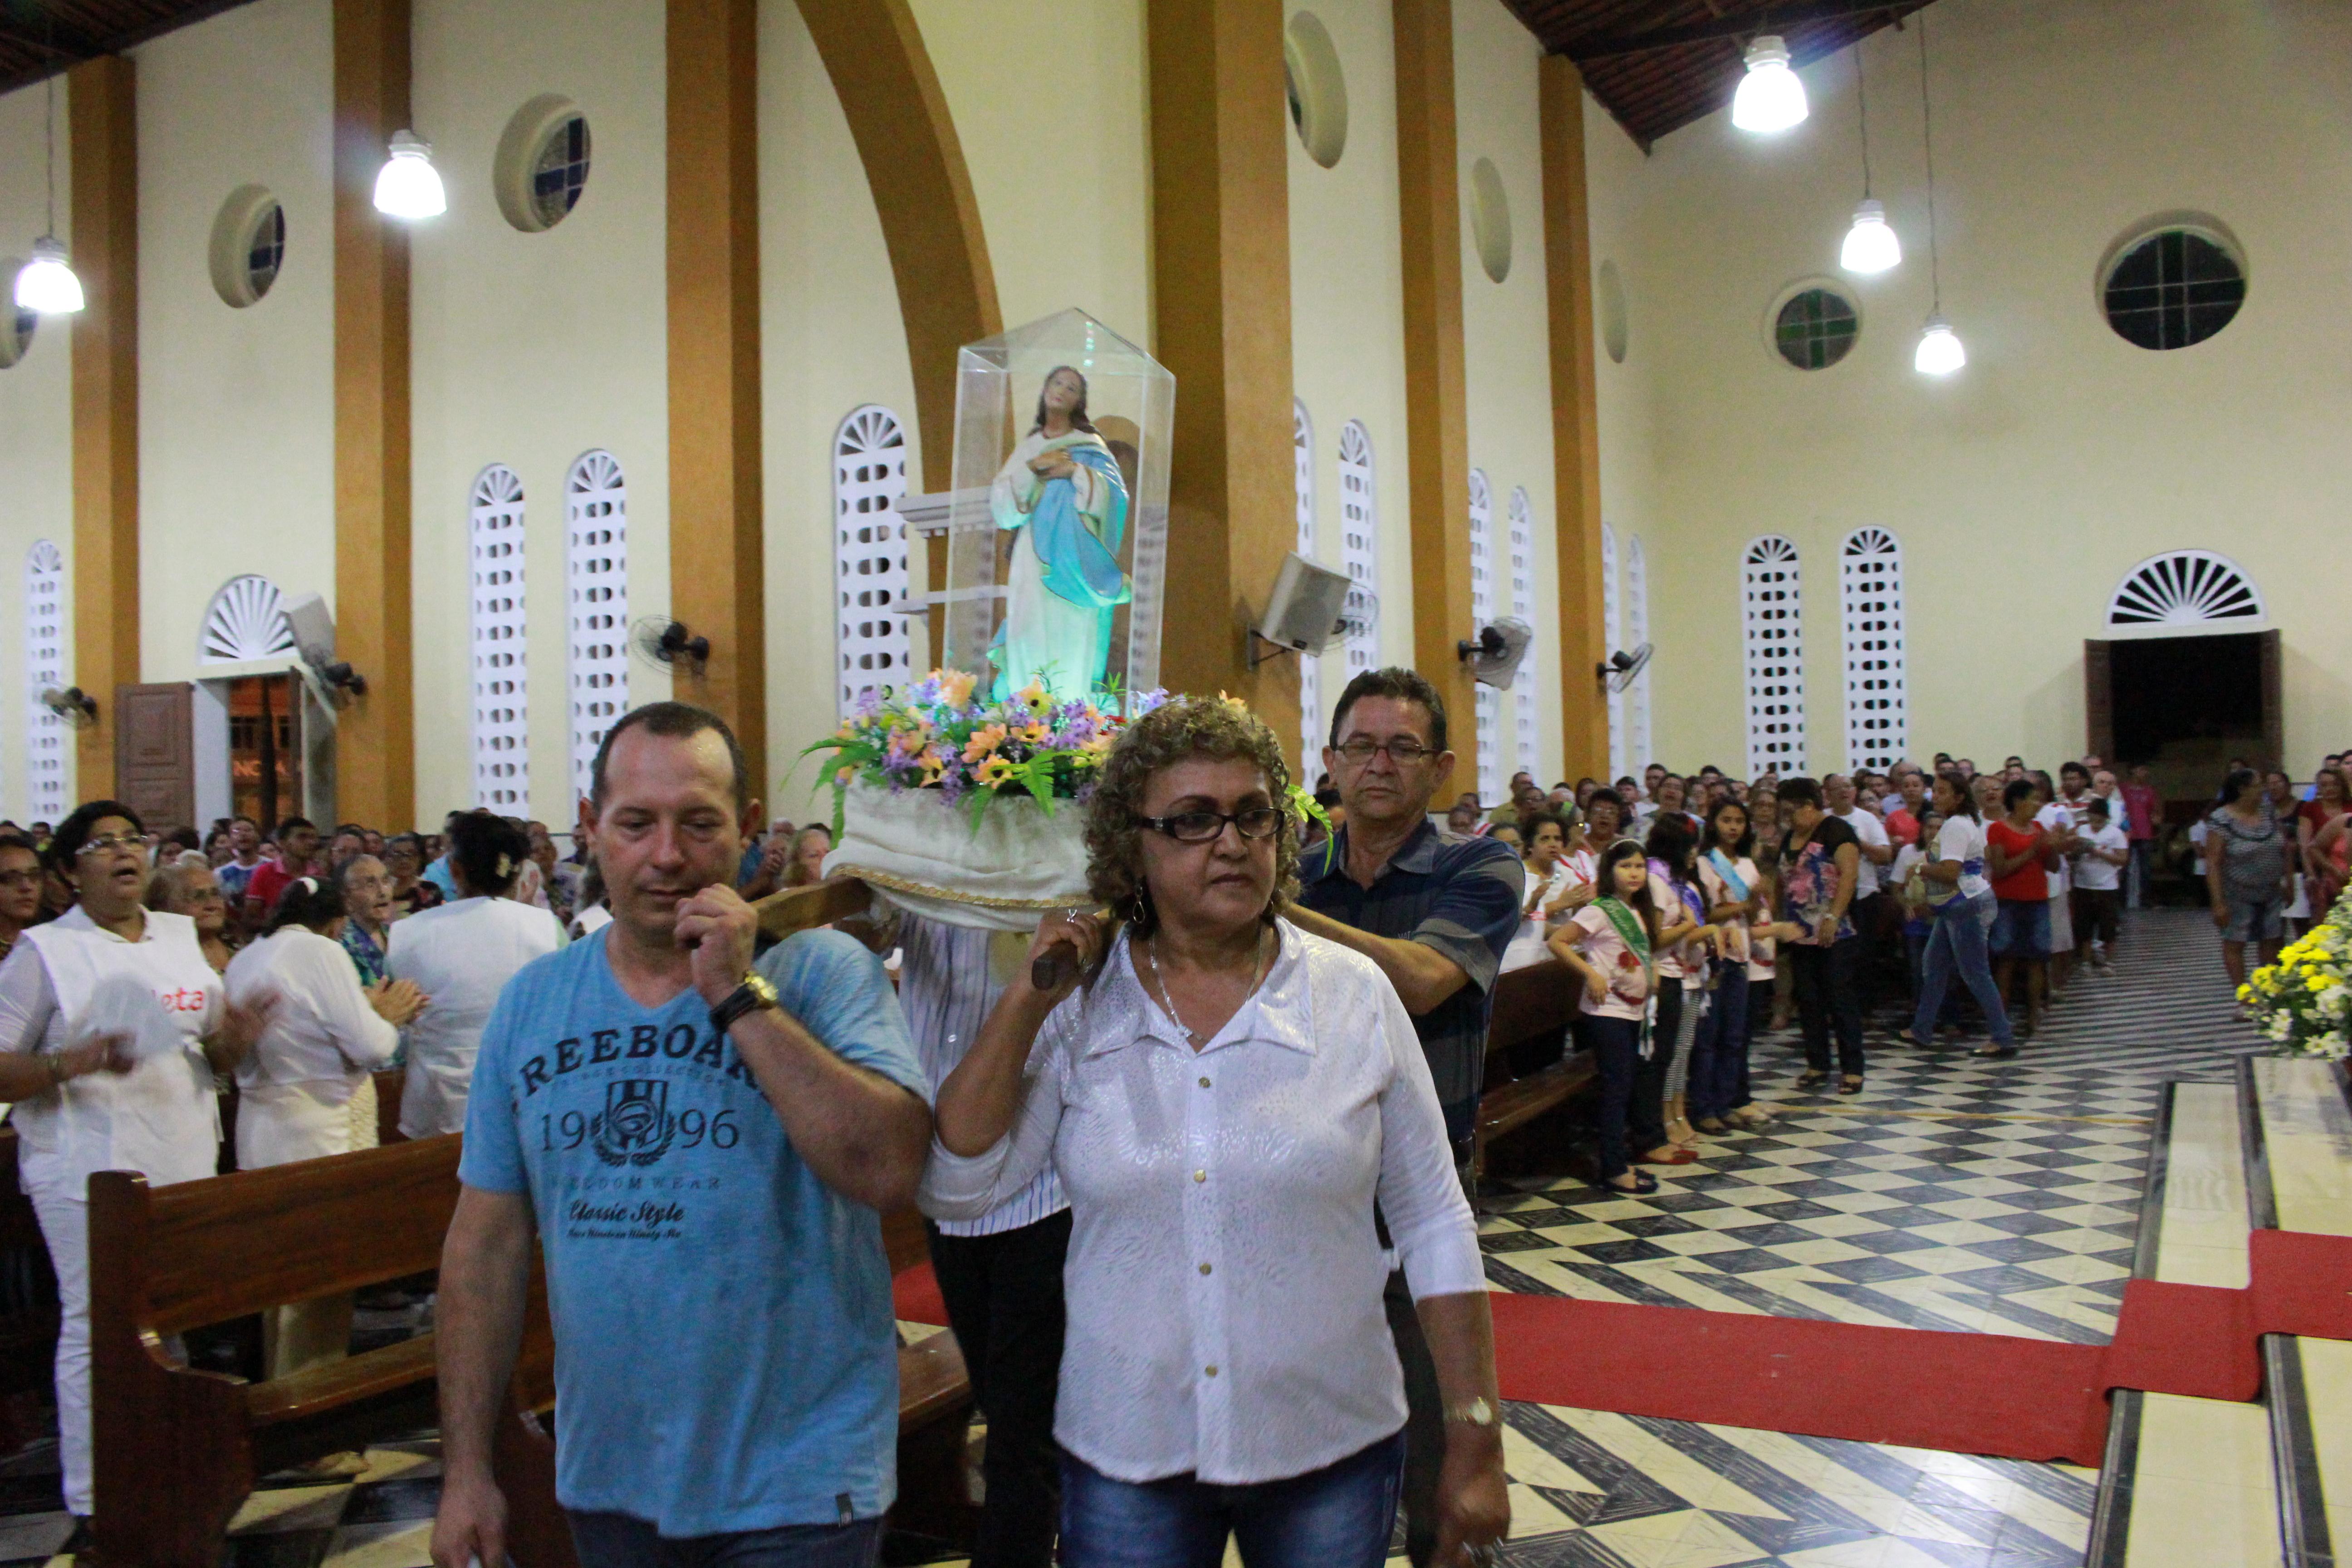 Festa da Padroeira, Pacajus, Paróquia de Pacajus